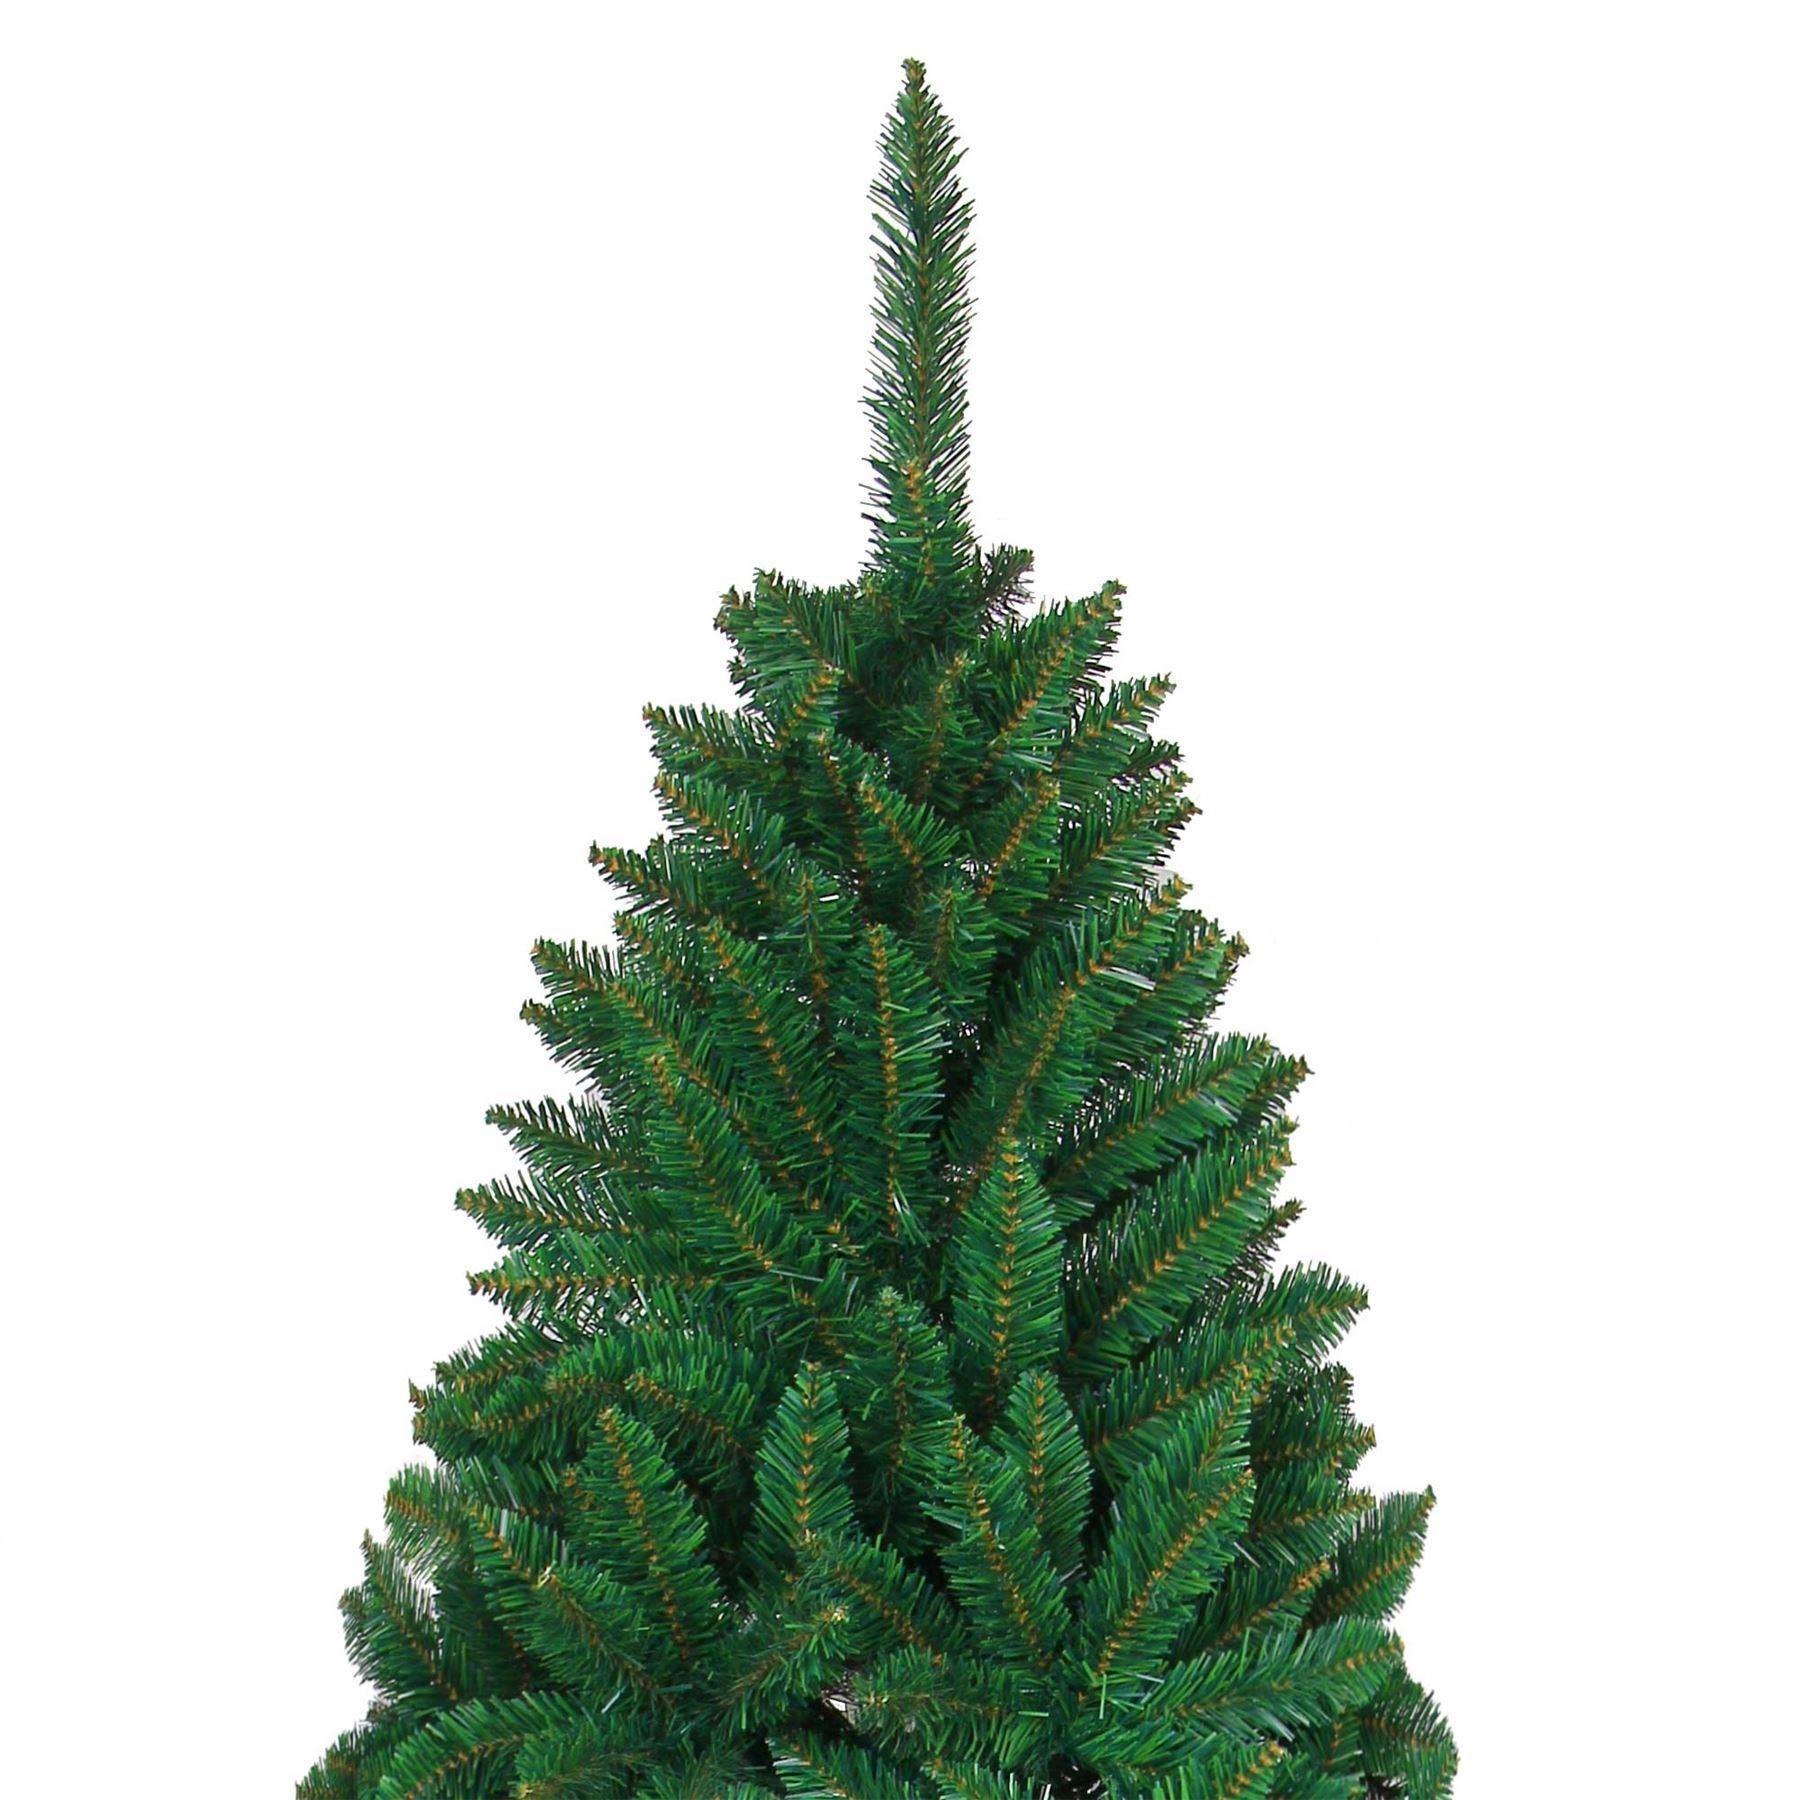 Deluxe cespuglioso verde Artificiale Albero Albero Albero Di Natale Natale Decorazioni Casa SUPPORTO METALLICO 7533a3